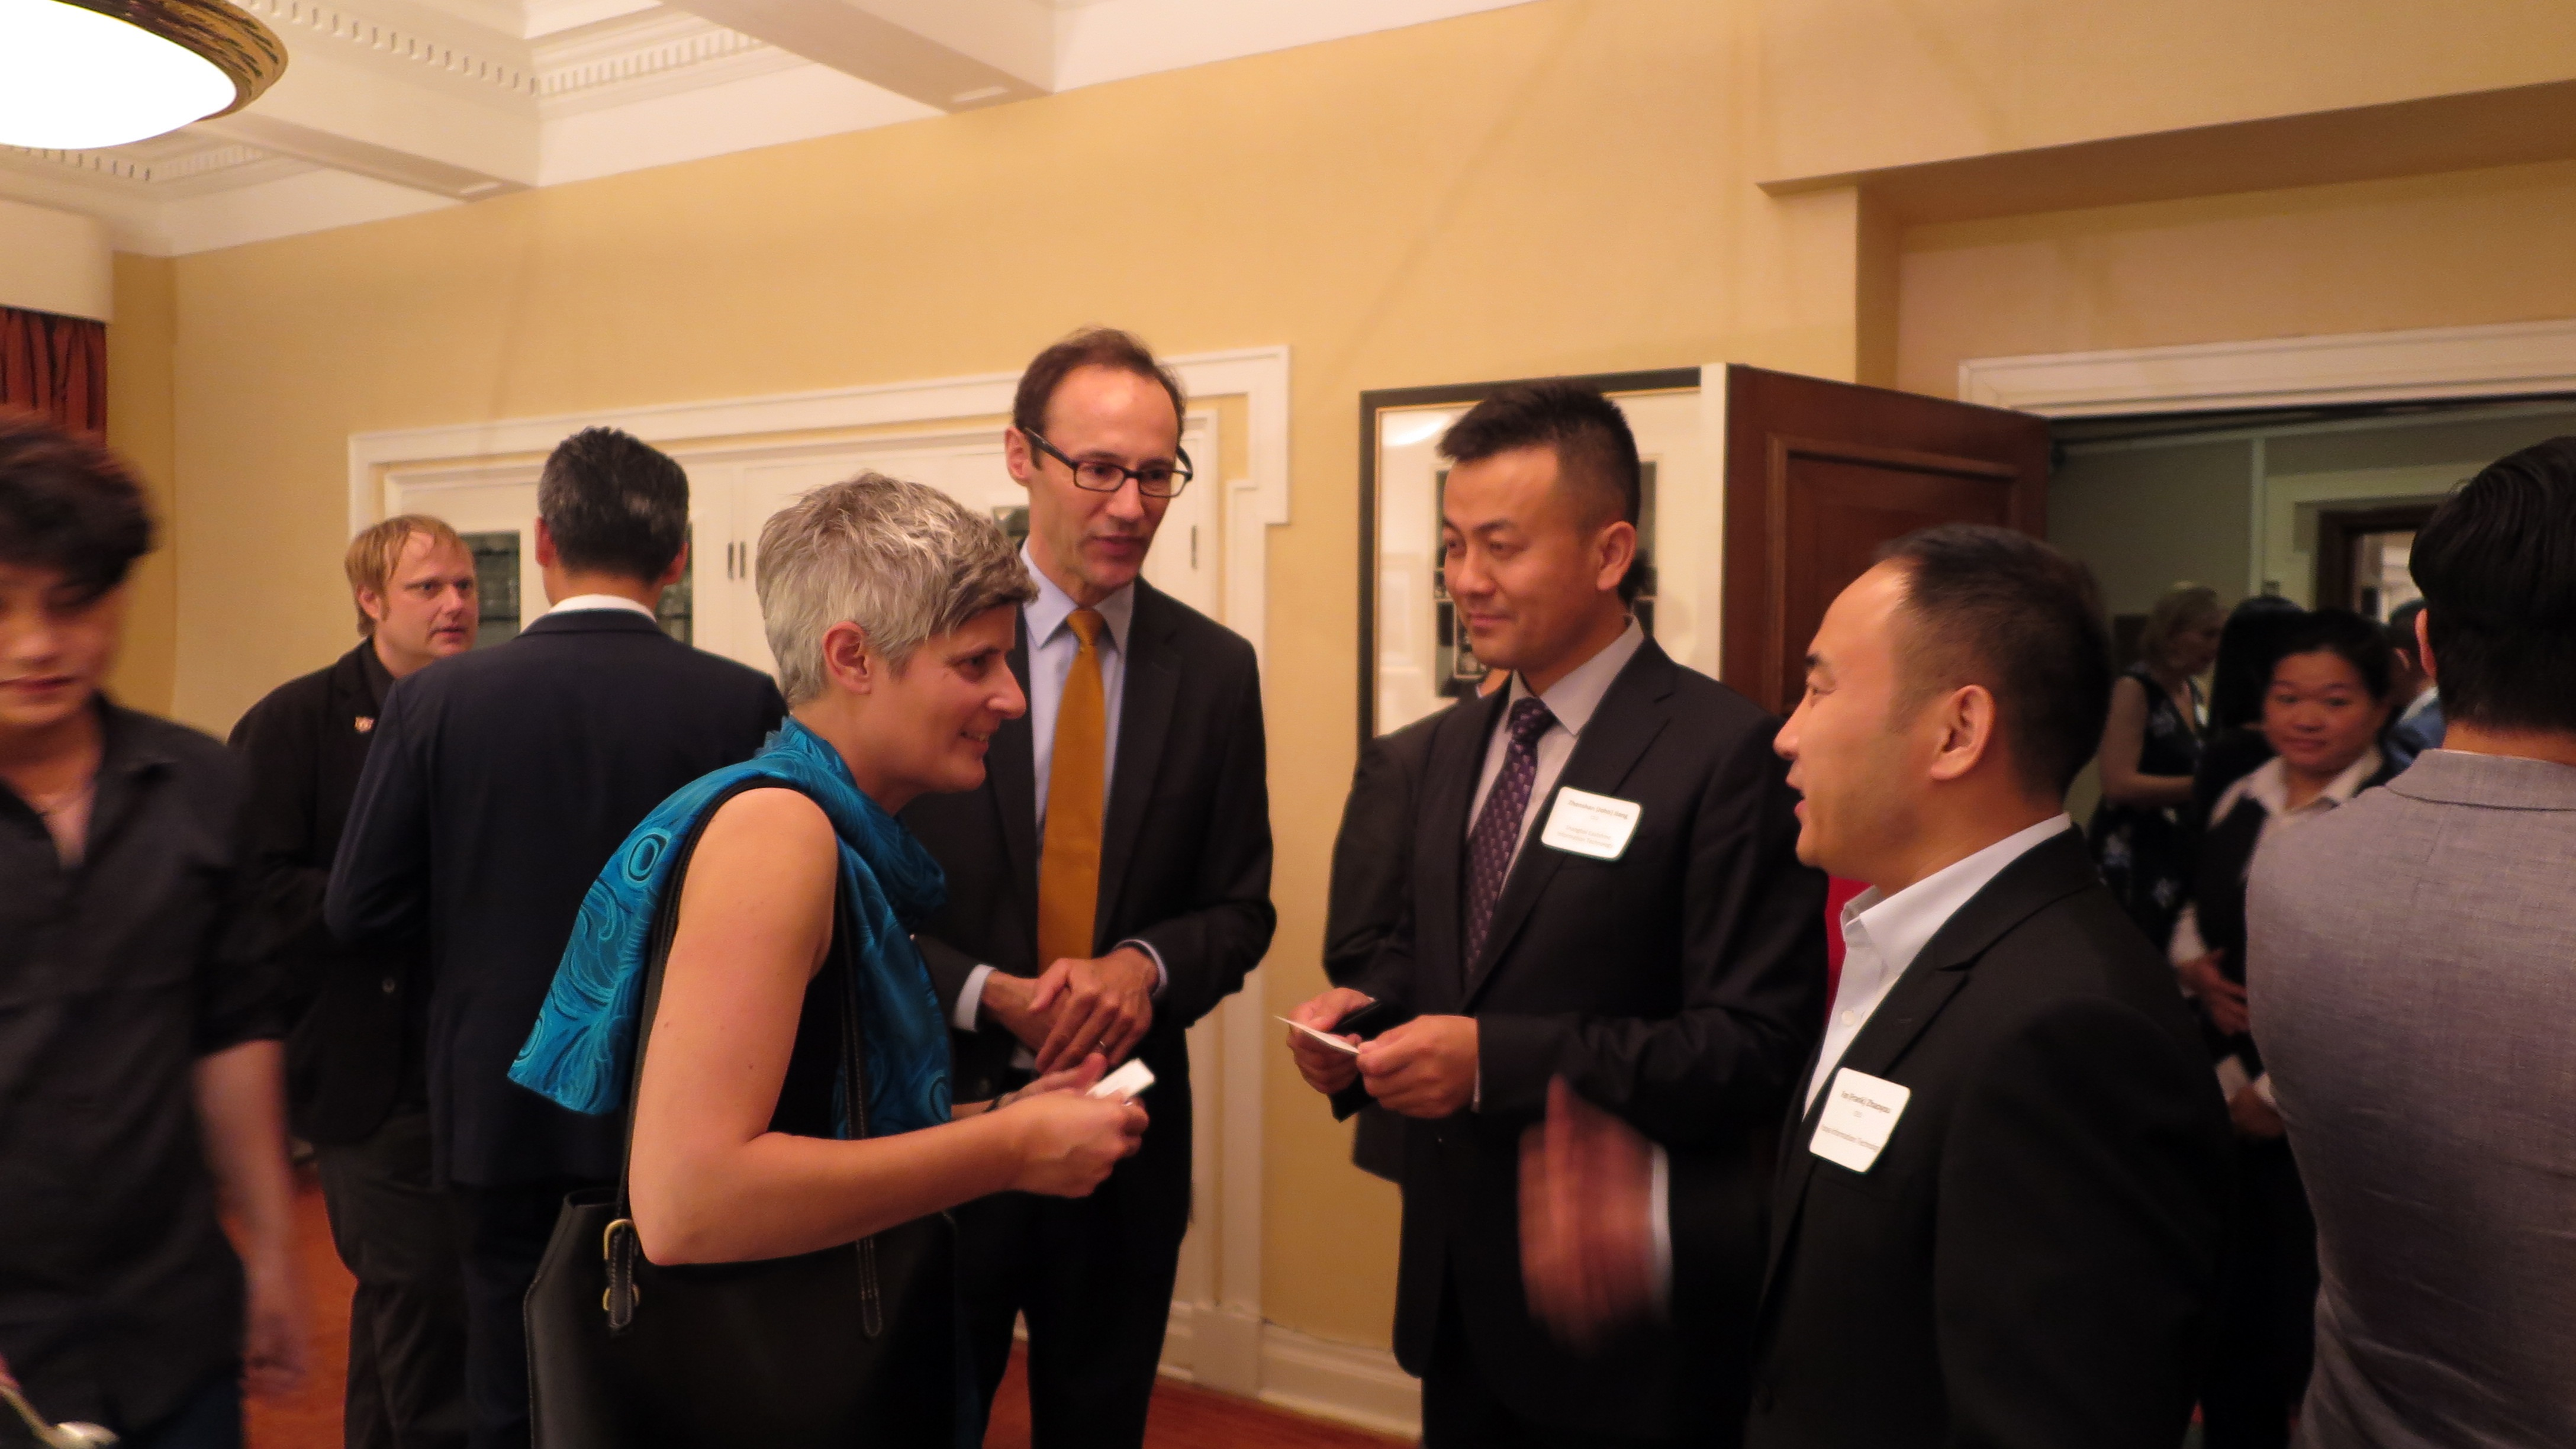 维多利亚市长Mrs.Helps,驻上海加拿大总领事 Mr. Epp 和 东尚科技高管 Mr.Jiang, 友亚科技高管 Mr. Fan